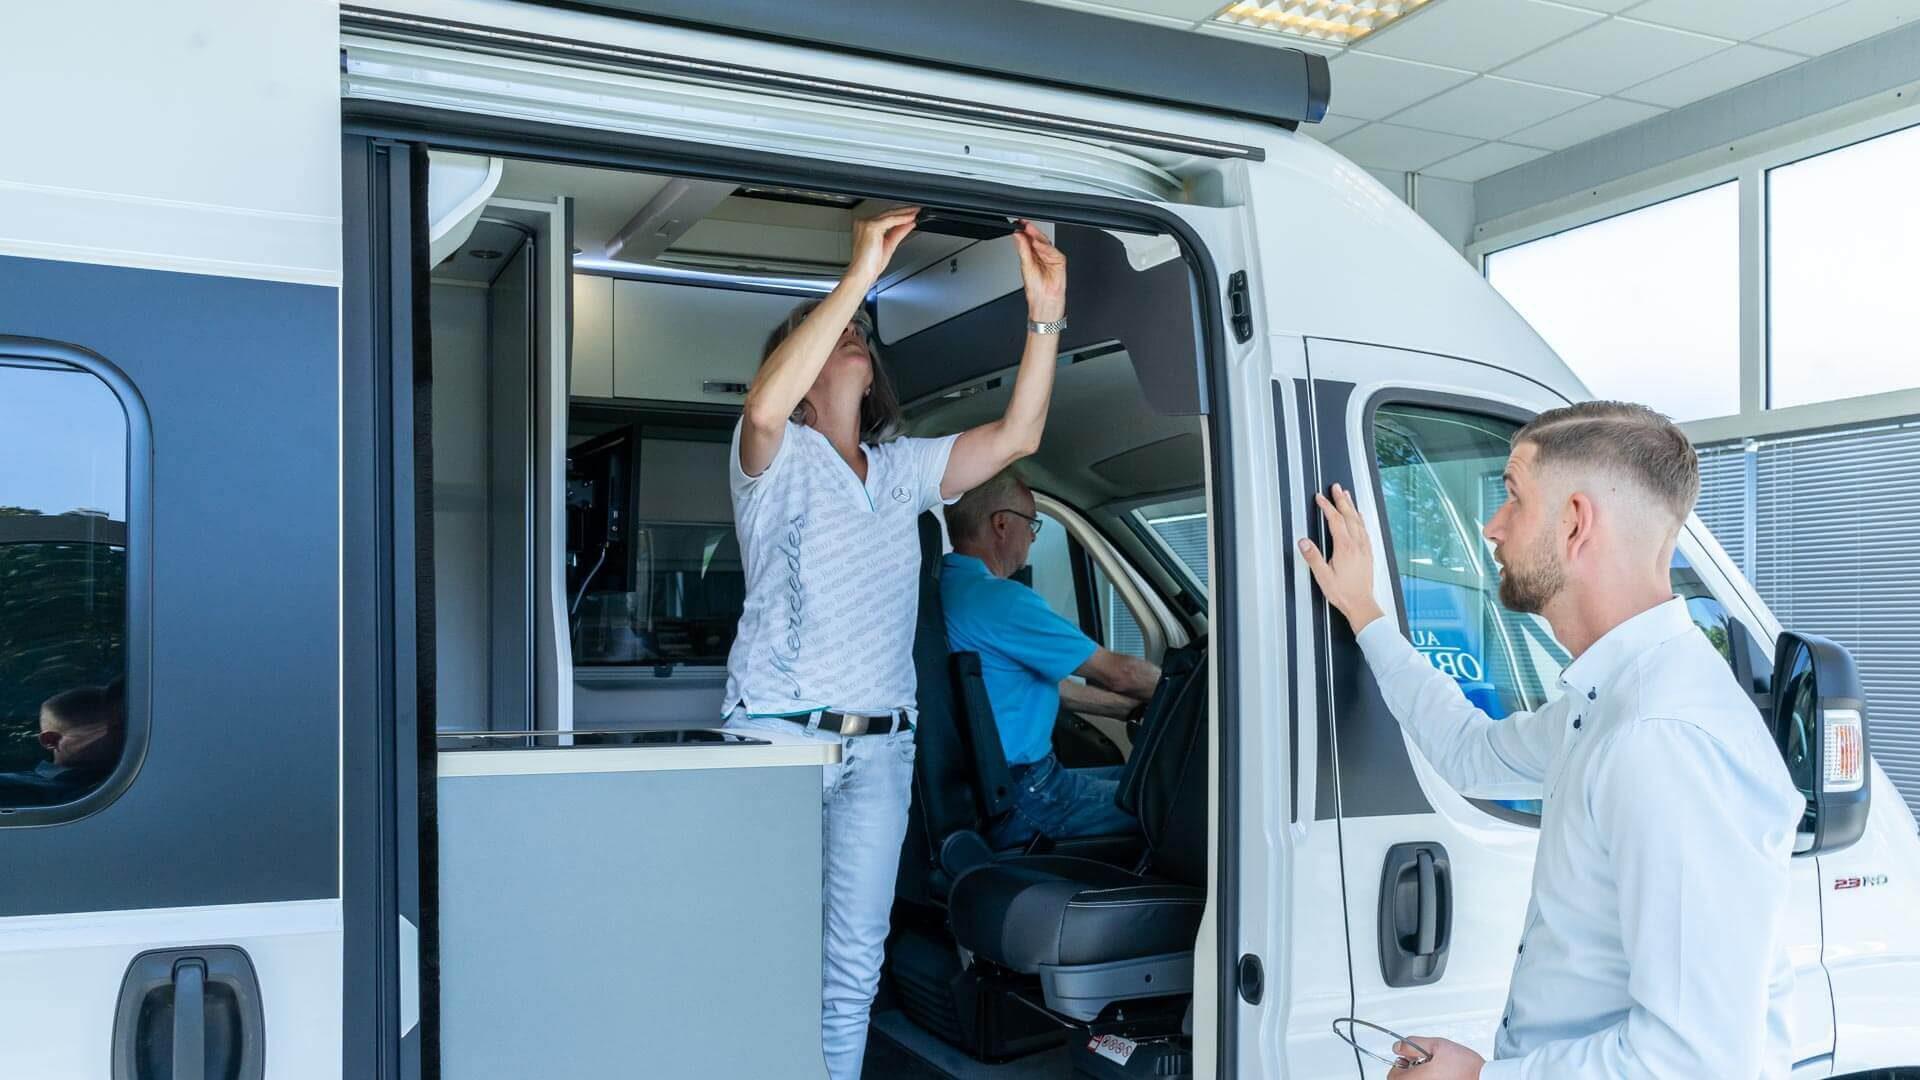 Vorführung Mooveo-Wohnmobil bei Automobile Obermeier in Meckenheim